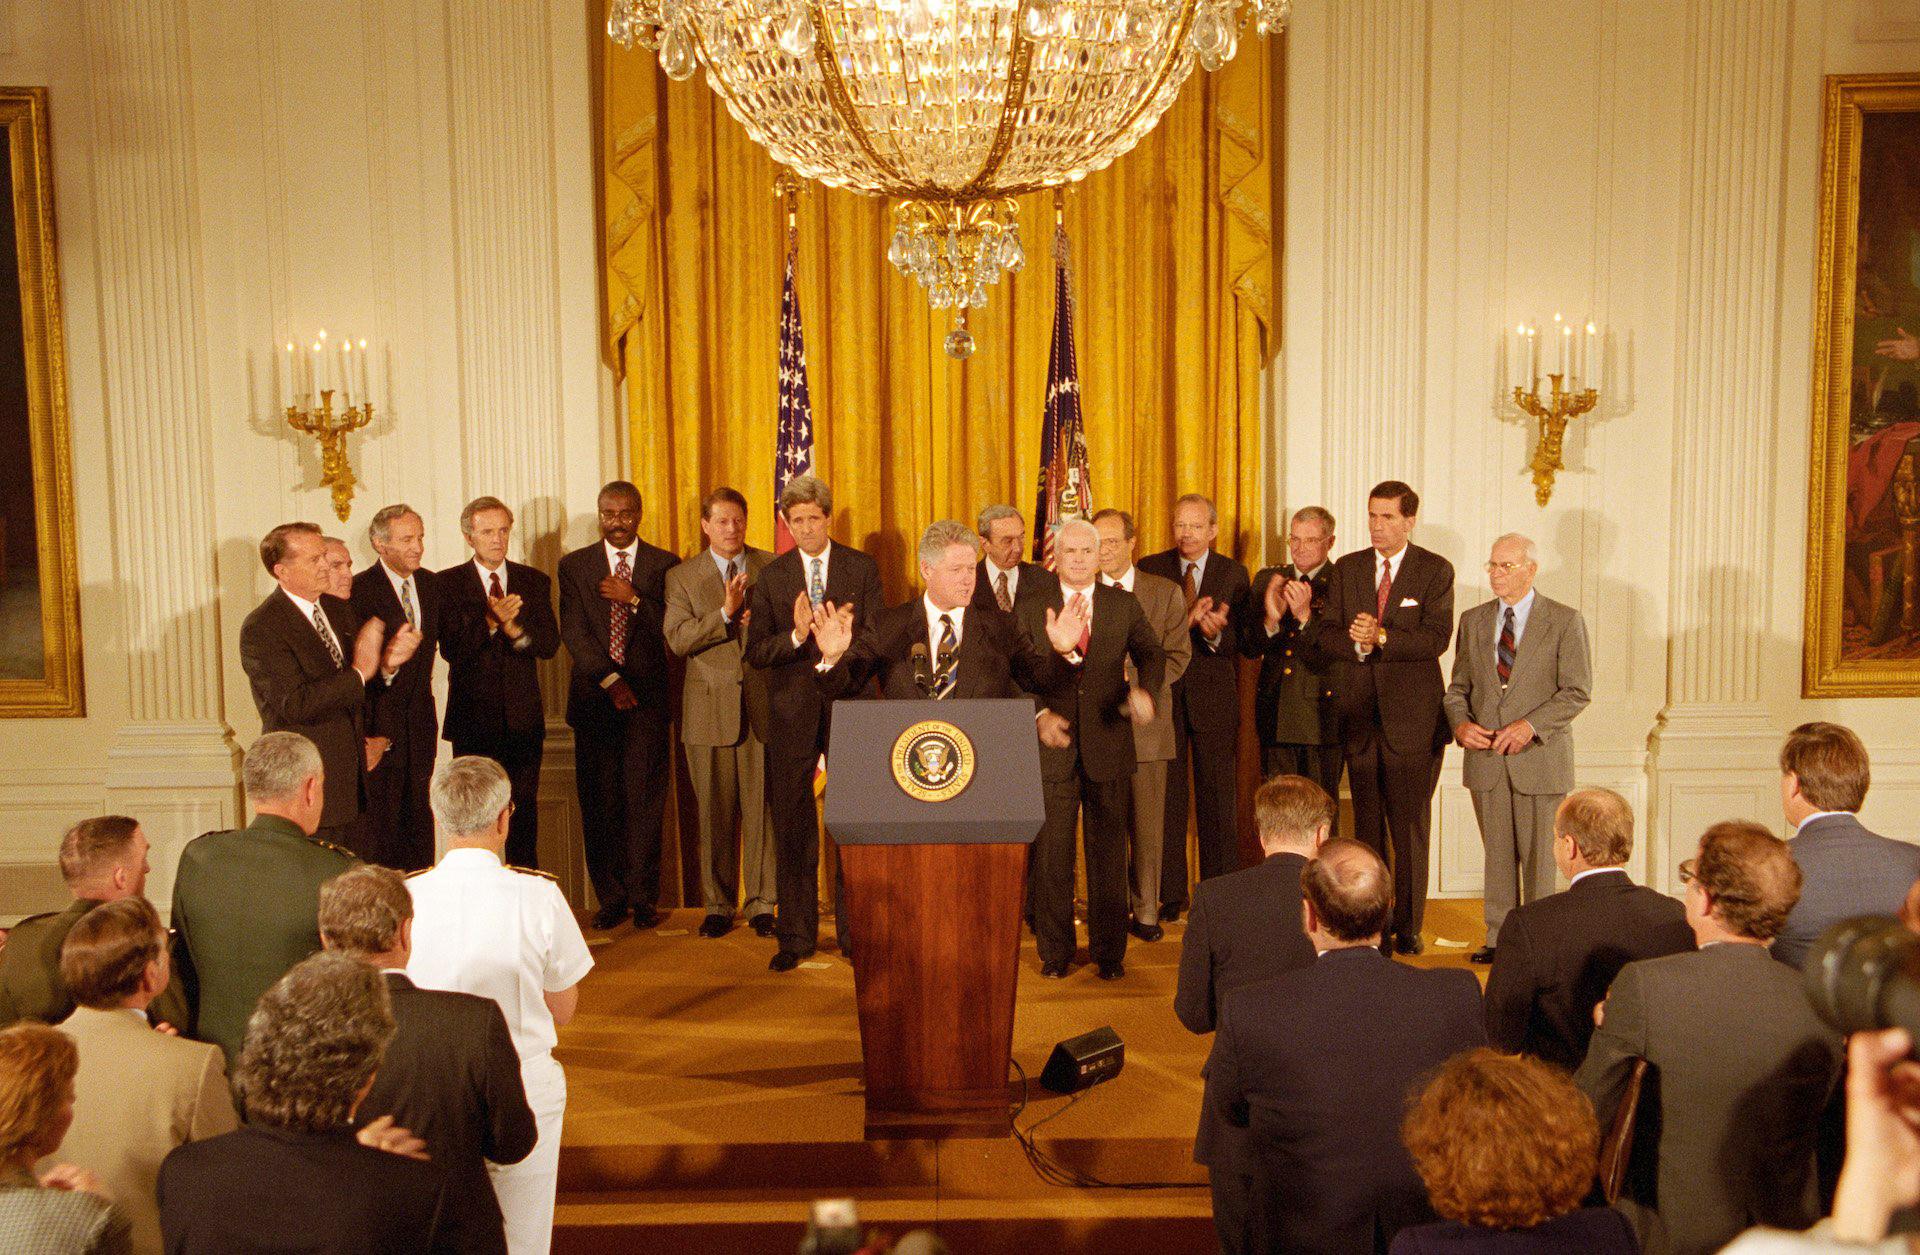 美国时间1995年7月11日晚,时任美国总统威廉•杰斐逊•克林顿(William Jefferson Clinton)宣布越美外交关系正常化。图自越通社